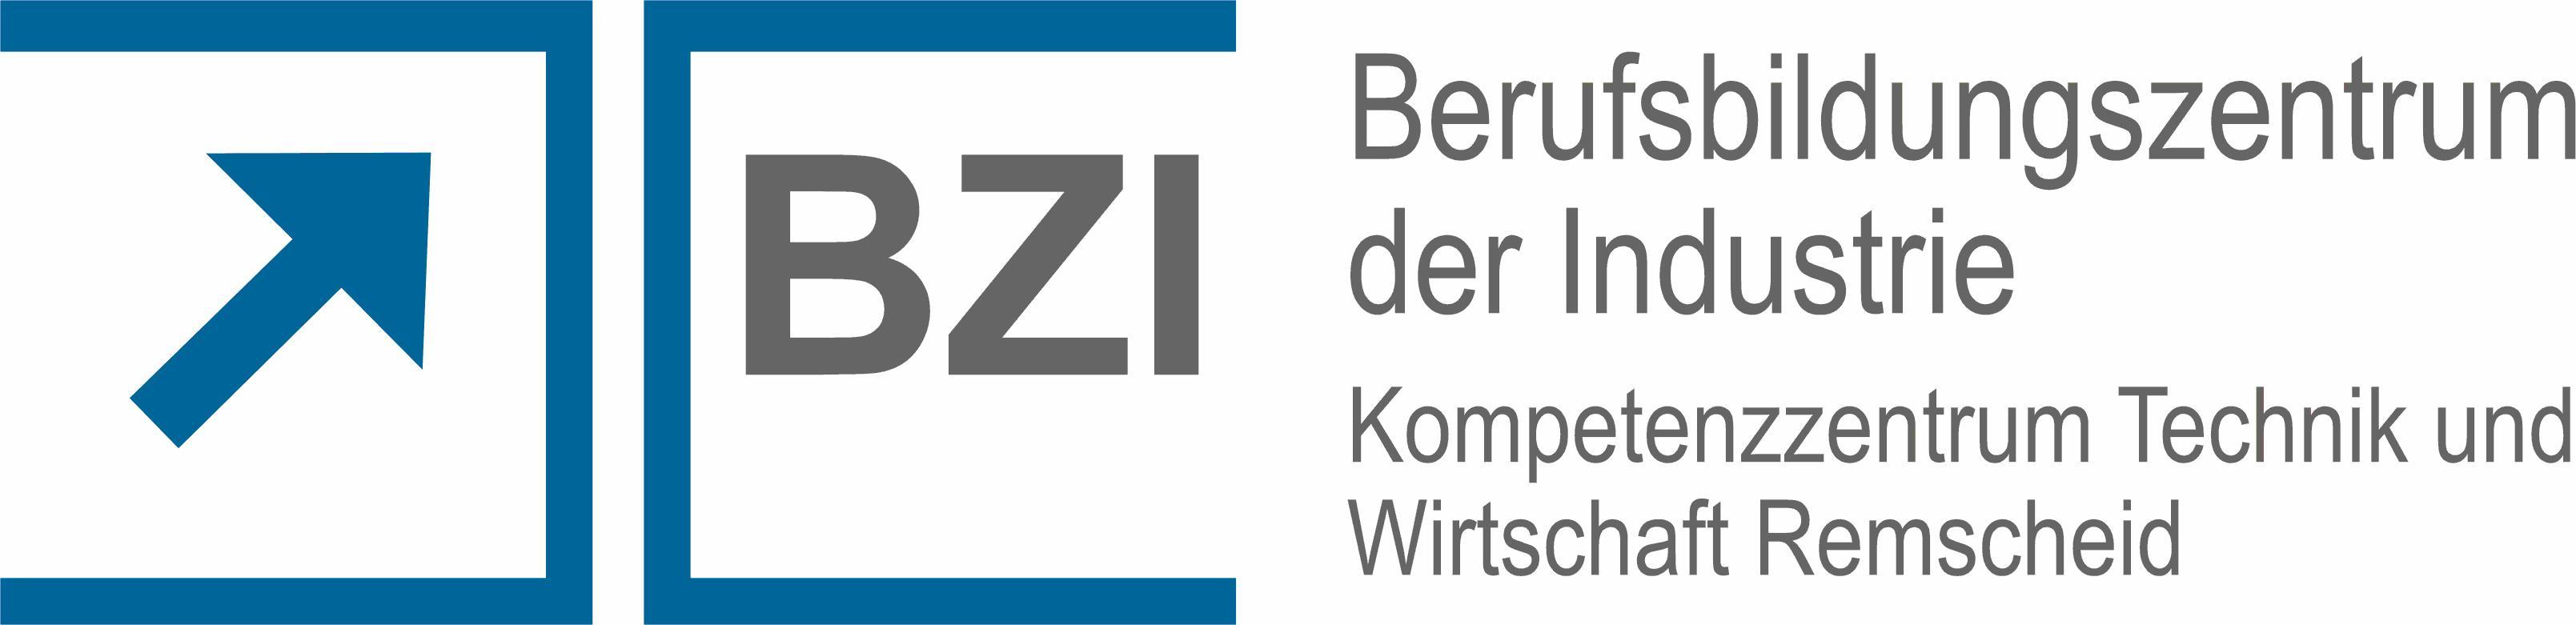 BZI - Berufsbildungszentrum der Industrie